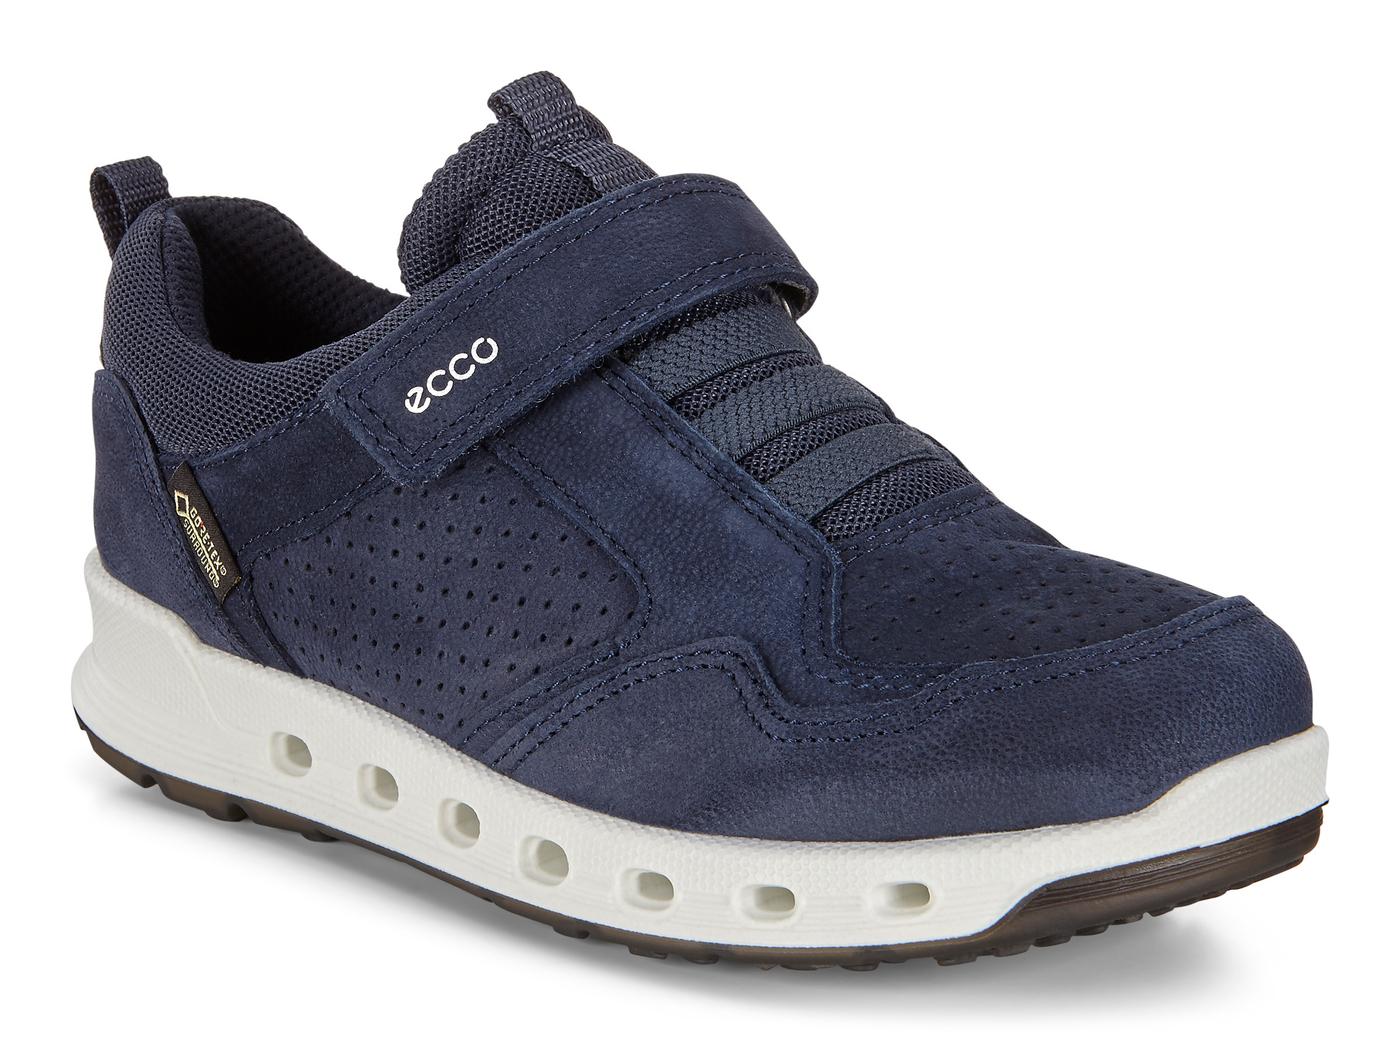 ECCO COOL KIDS Velcro GTX